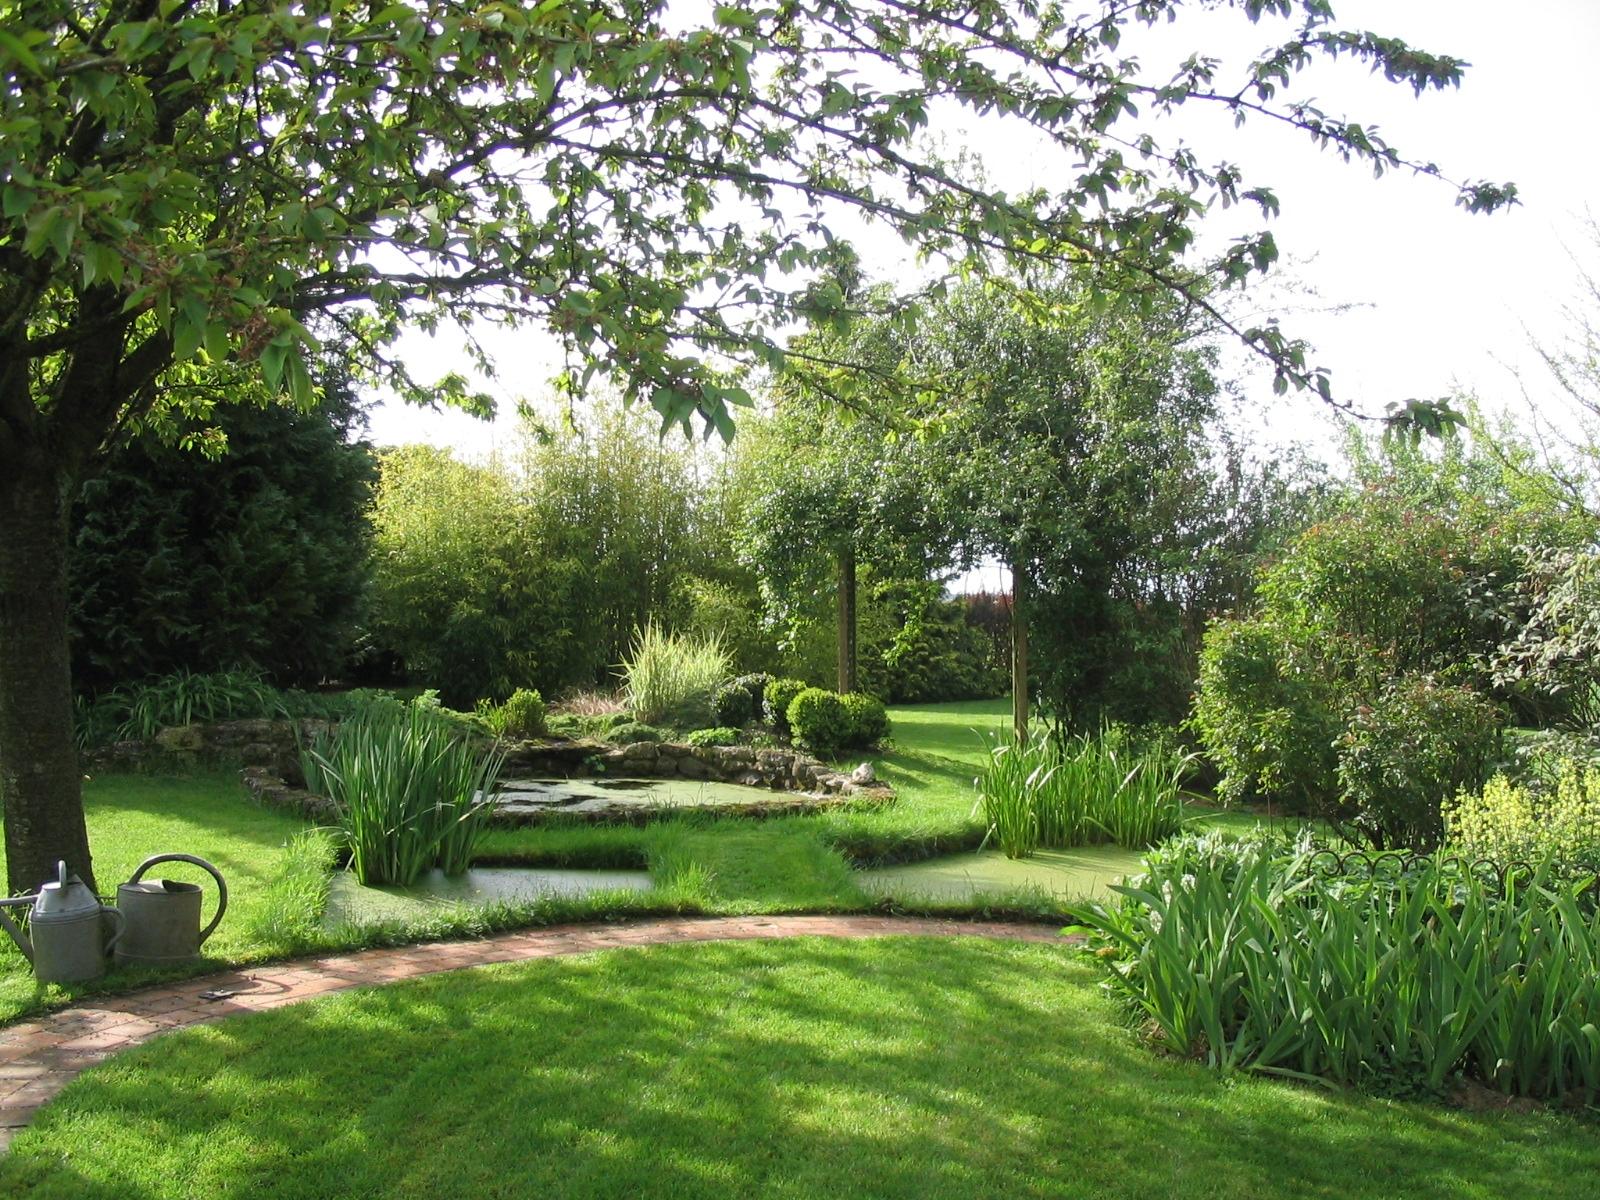 le jardin aquatique - jardiner autrement